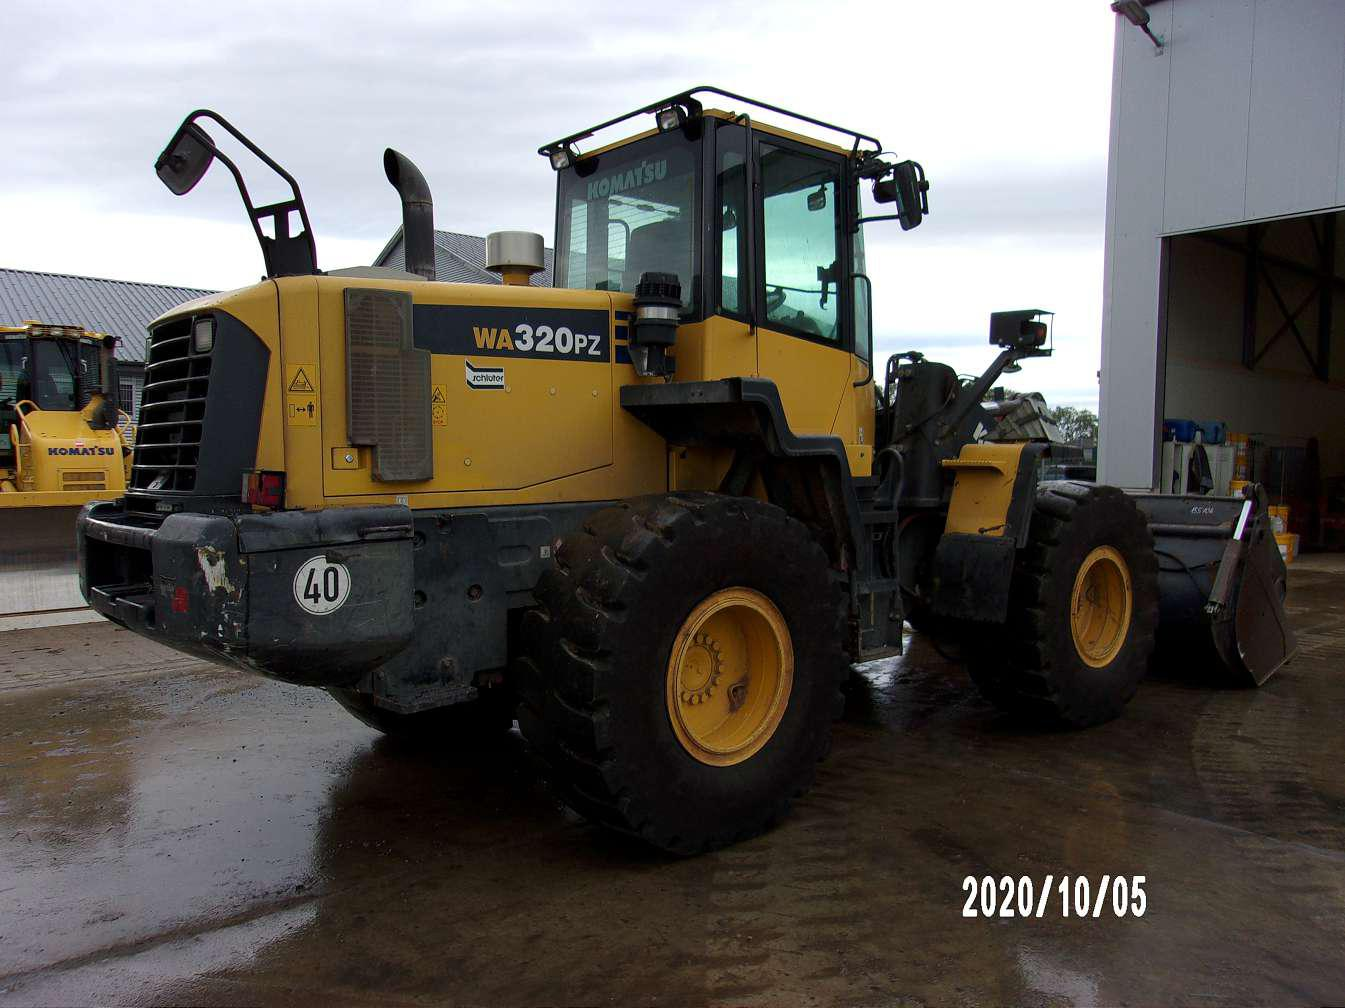 KOMATSU WA 320 PZ-6 - 05